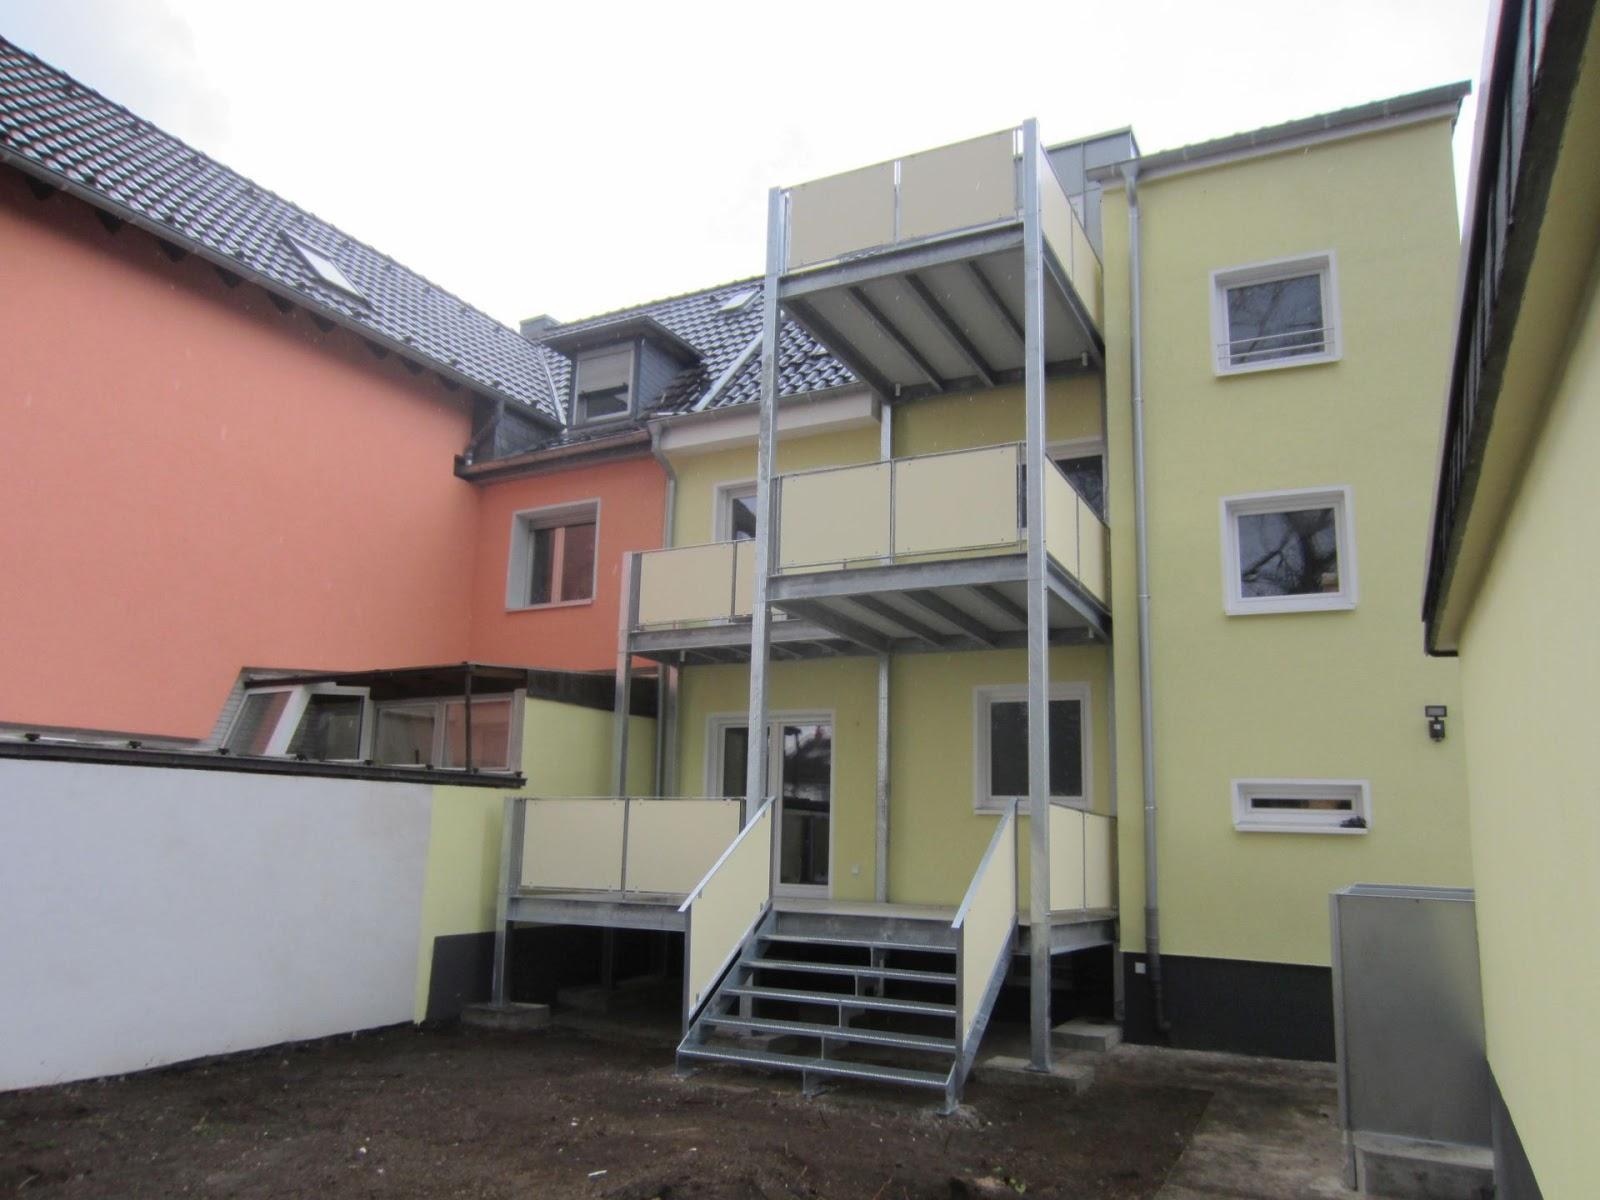 balkon aus stahl. Black Bedroom Furniture Sets. Home Design Ideas